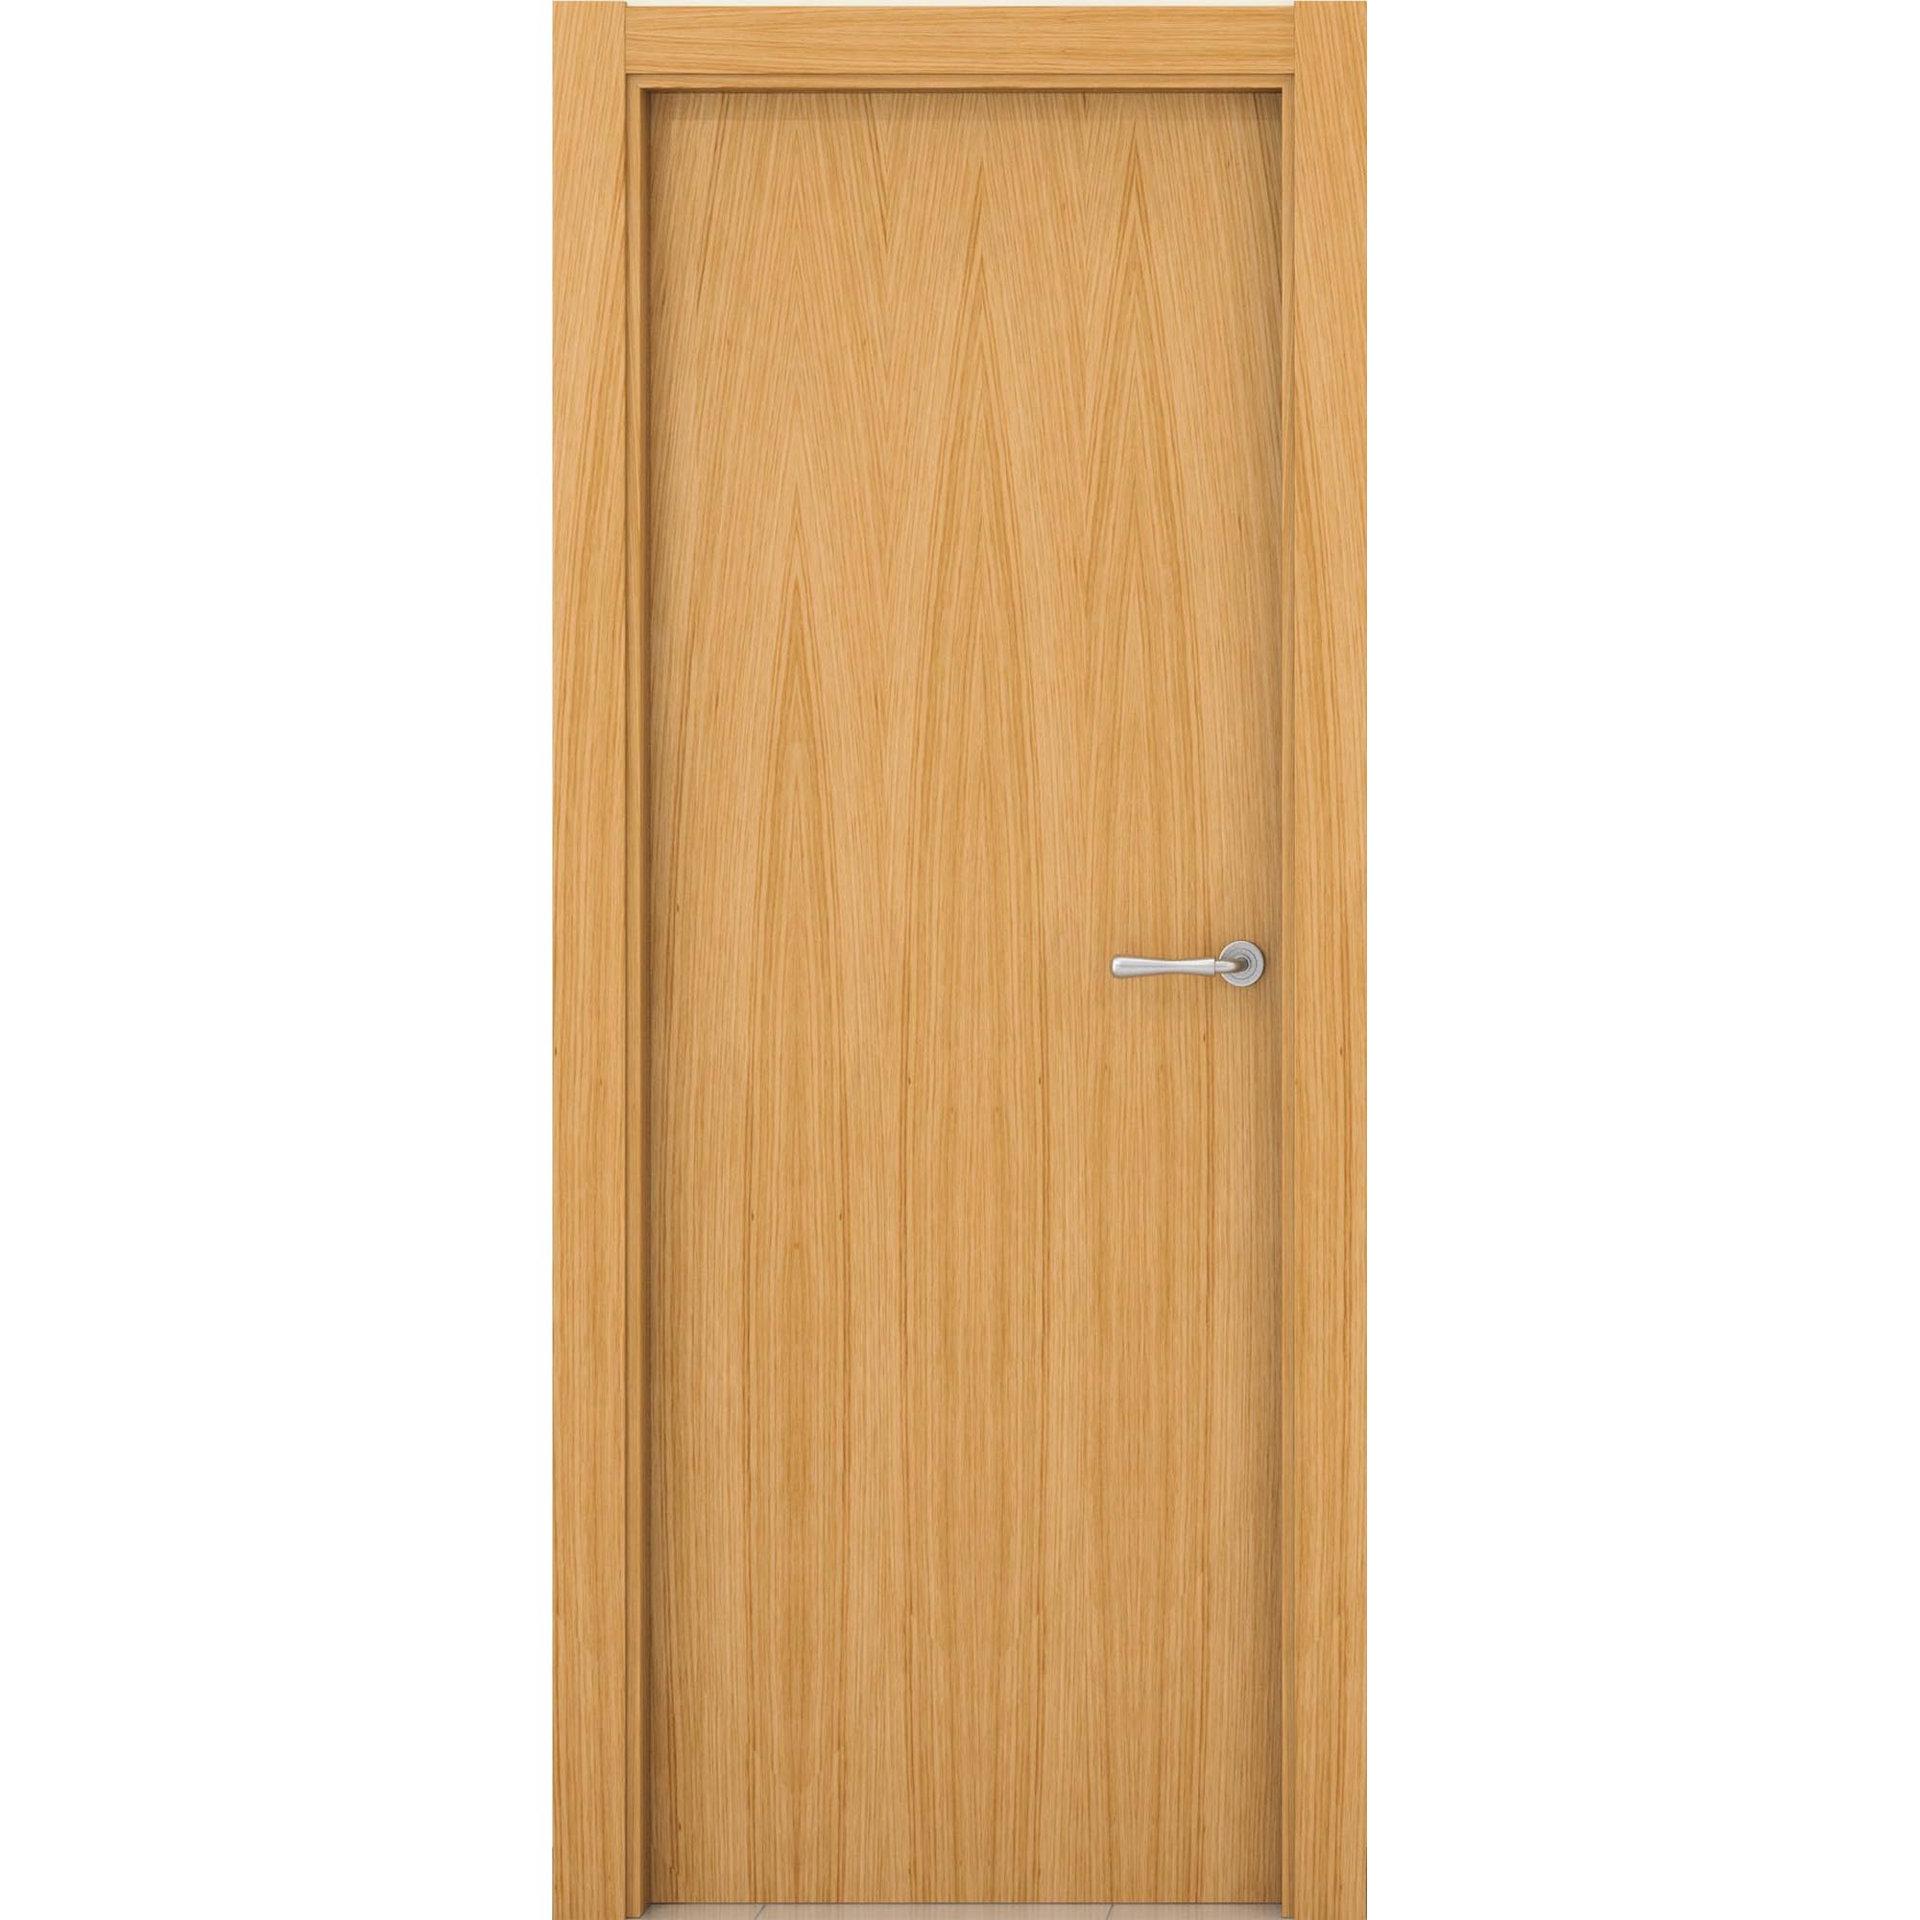 PORTA - Porta interior LISBOA CARVALHO 62.5X203CM ESQUERDA